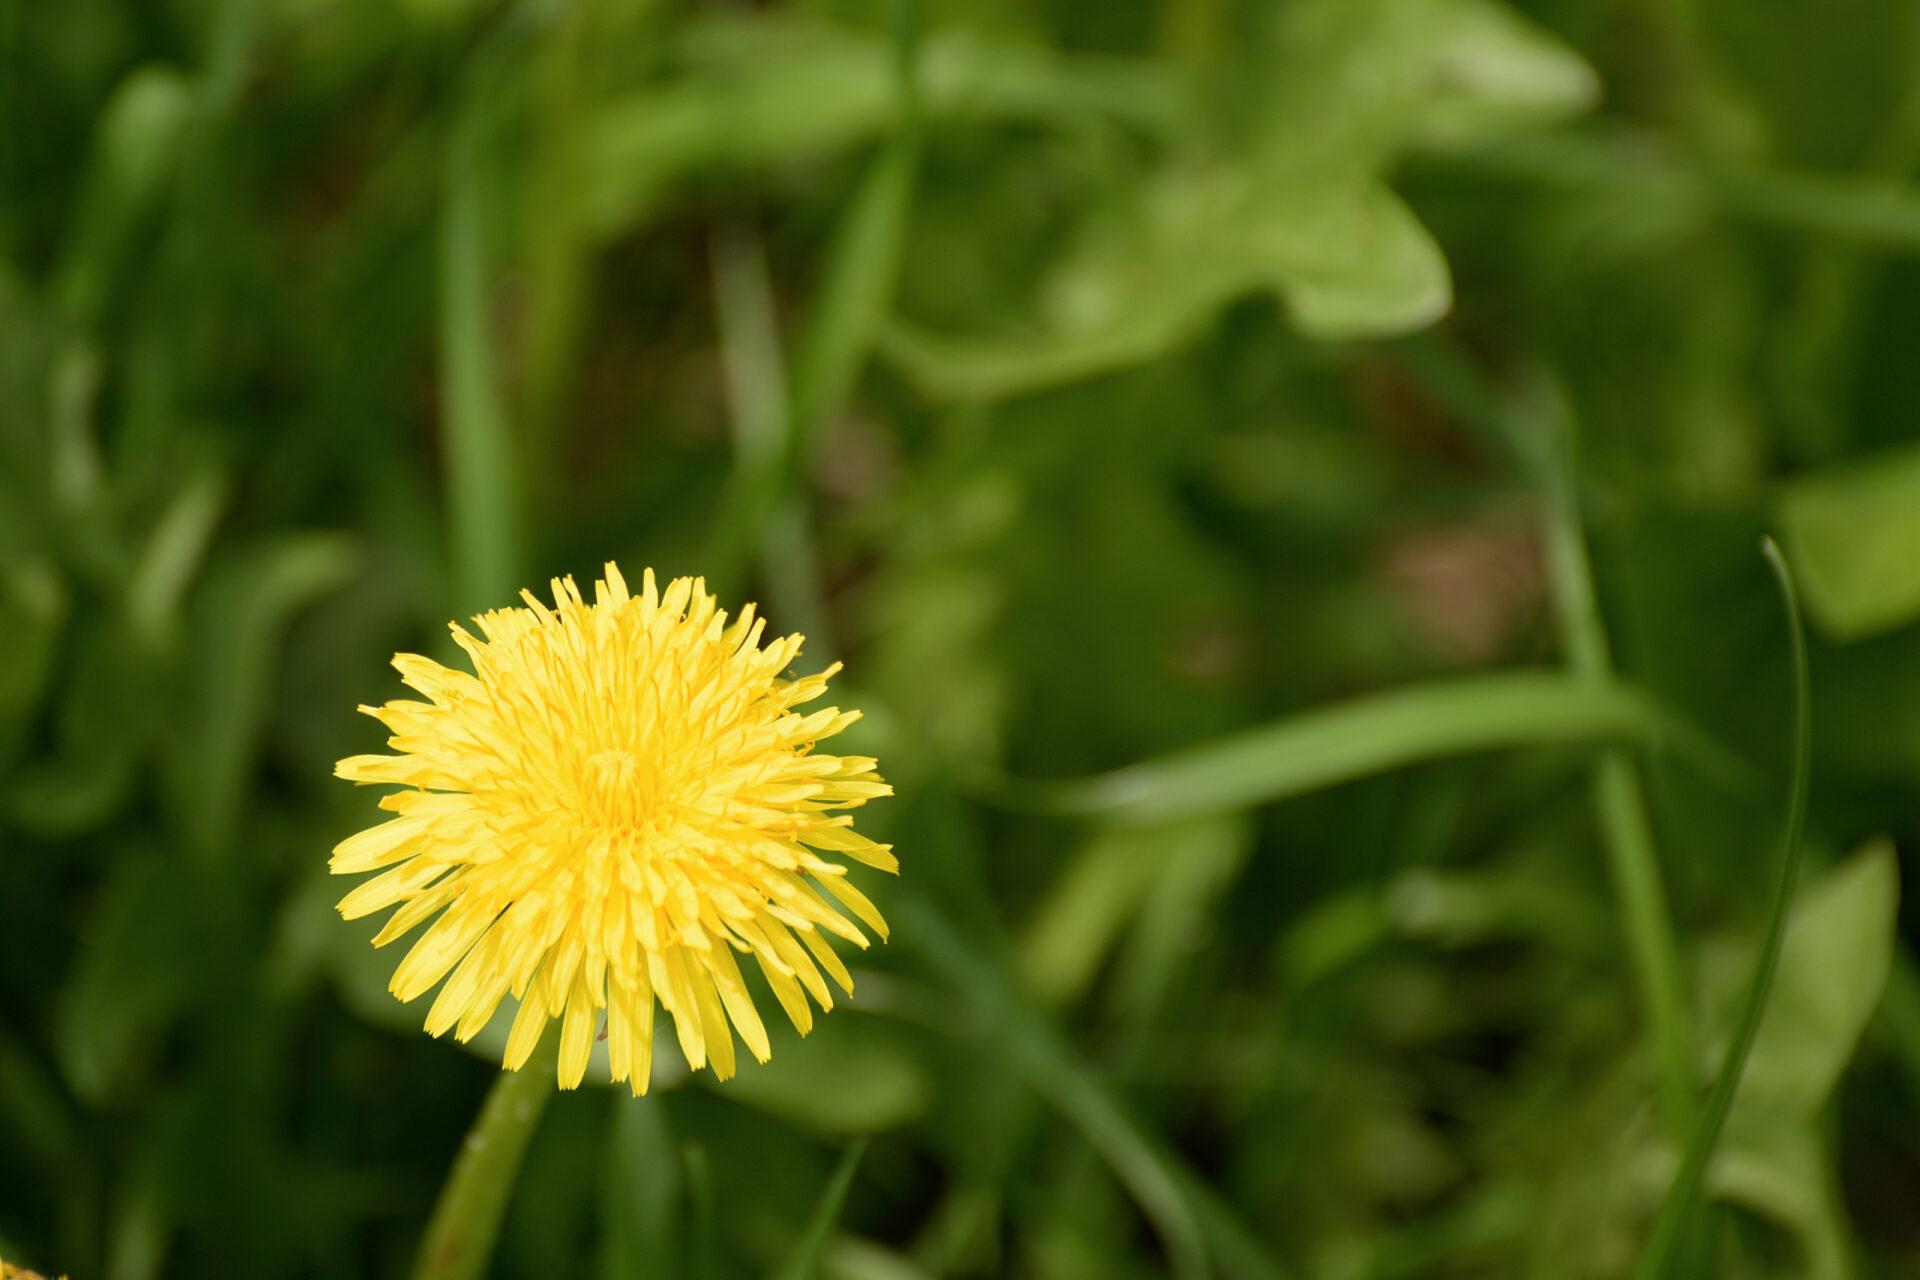 Разные цветочки уменя всадочке:))Часть 2